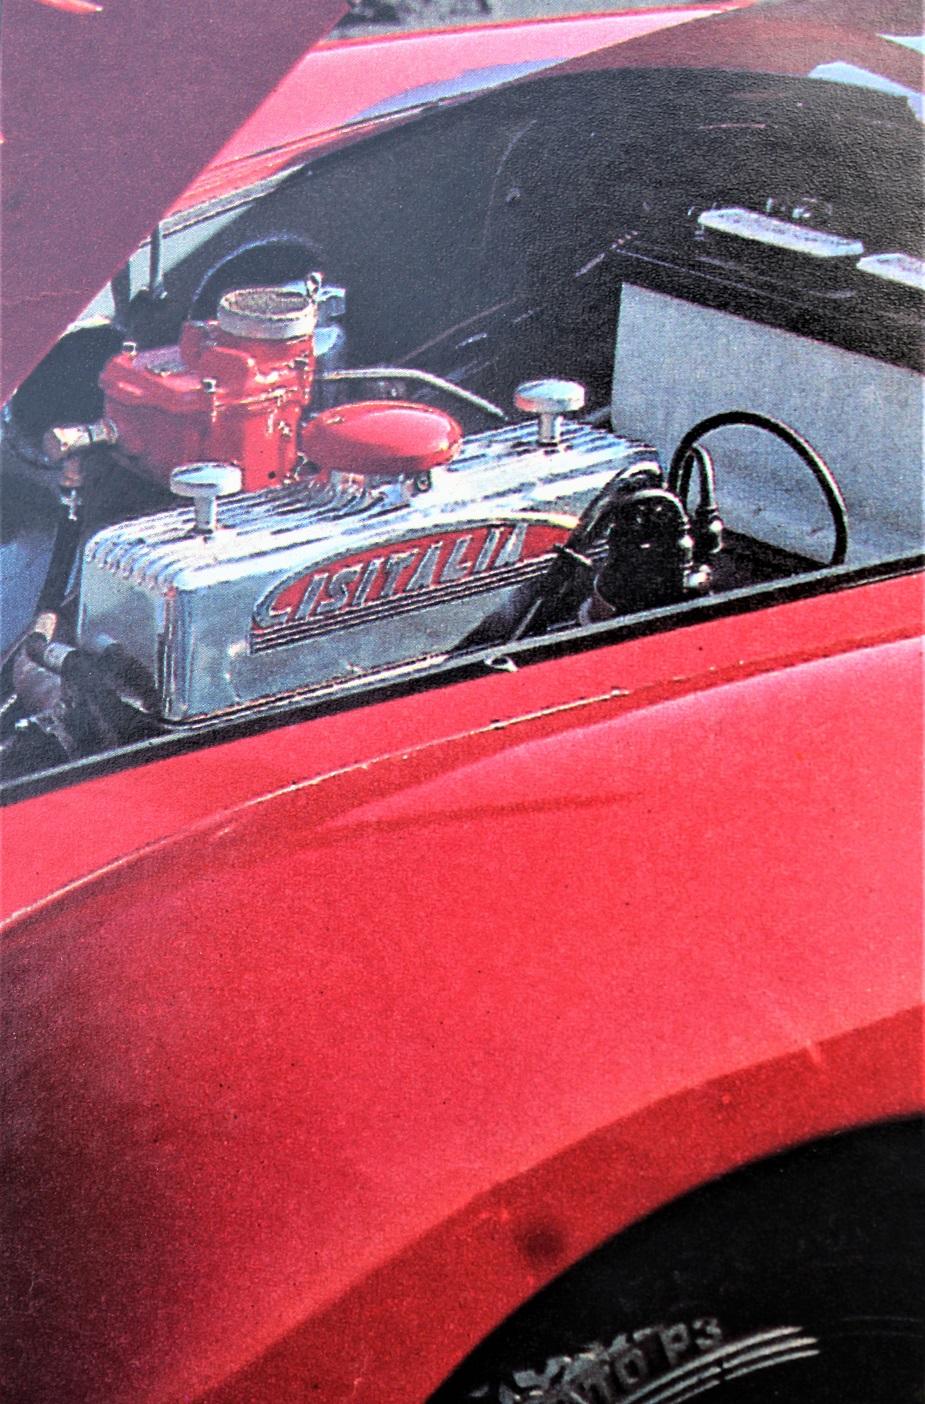 Cisitalia Aerodinamica Savonuzzi Il motore di origine Fiat profondamente modificato.